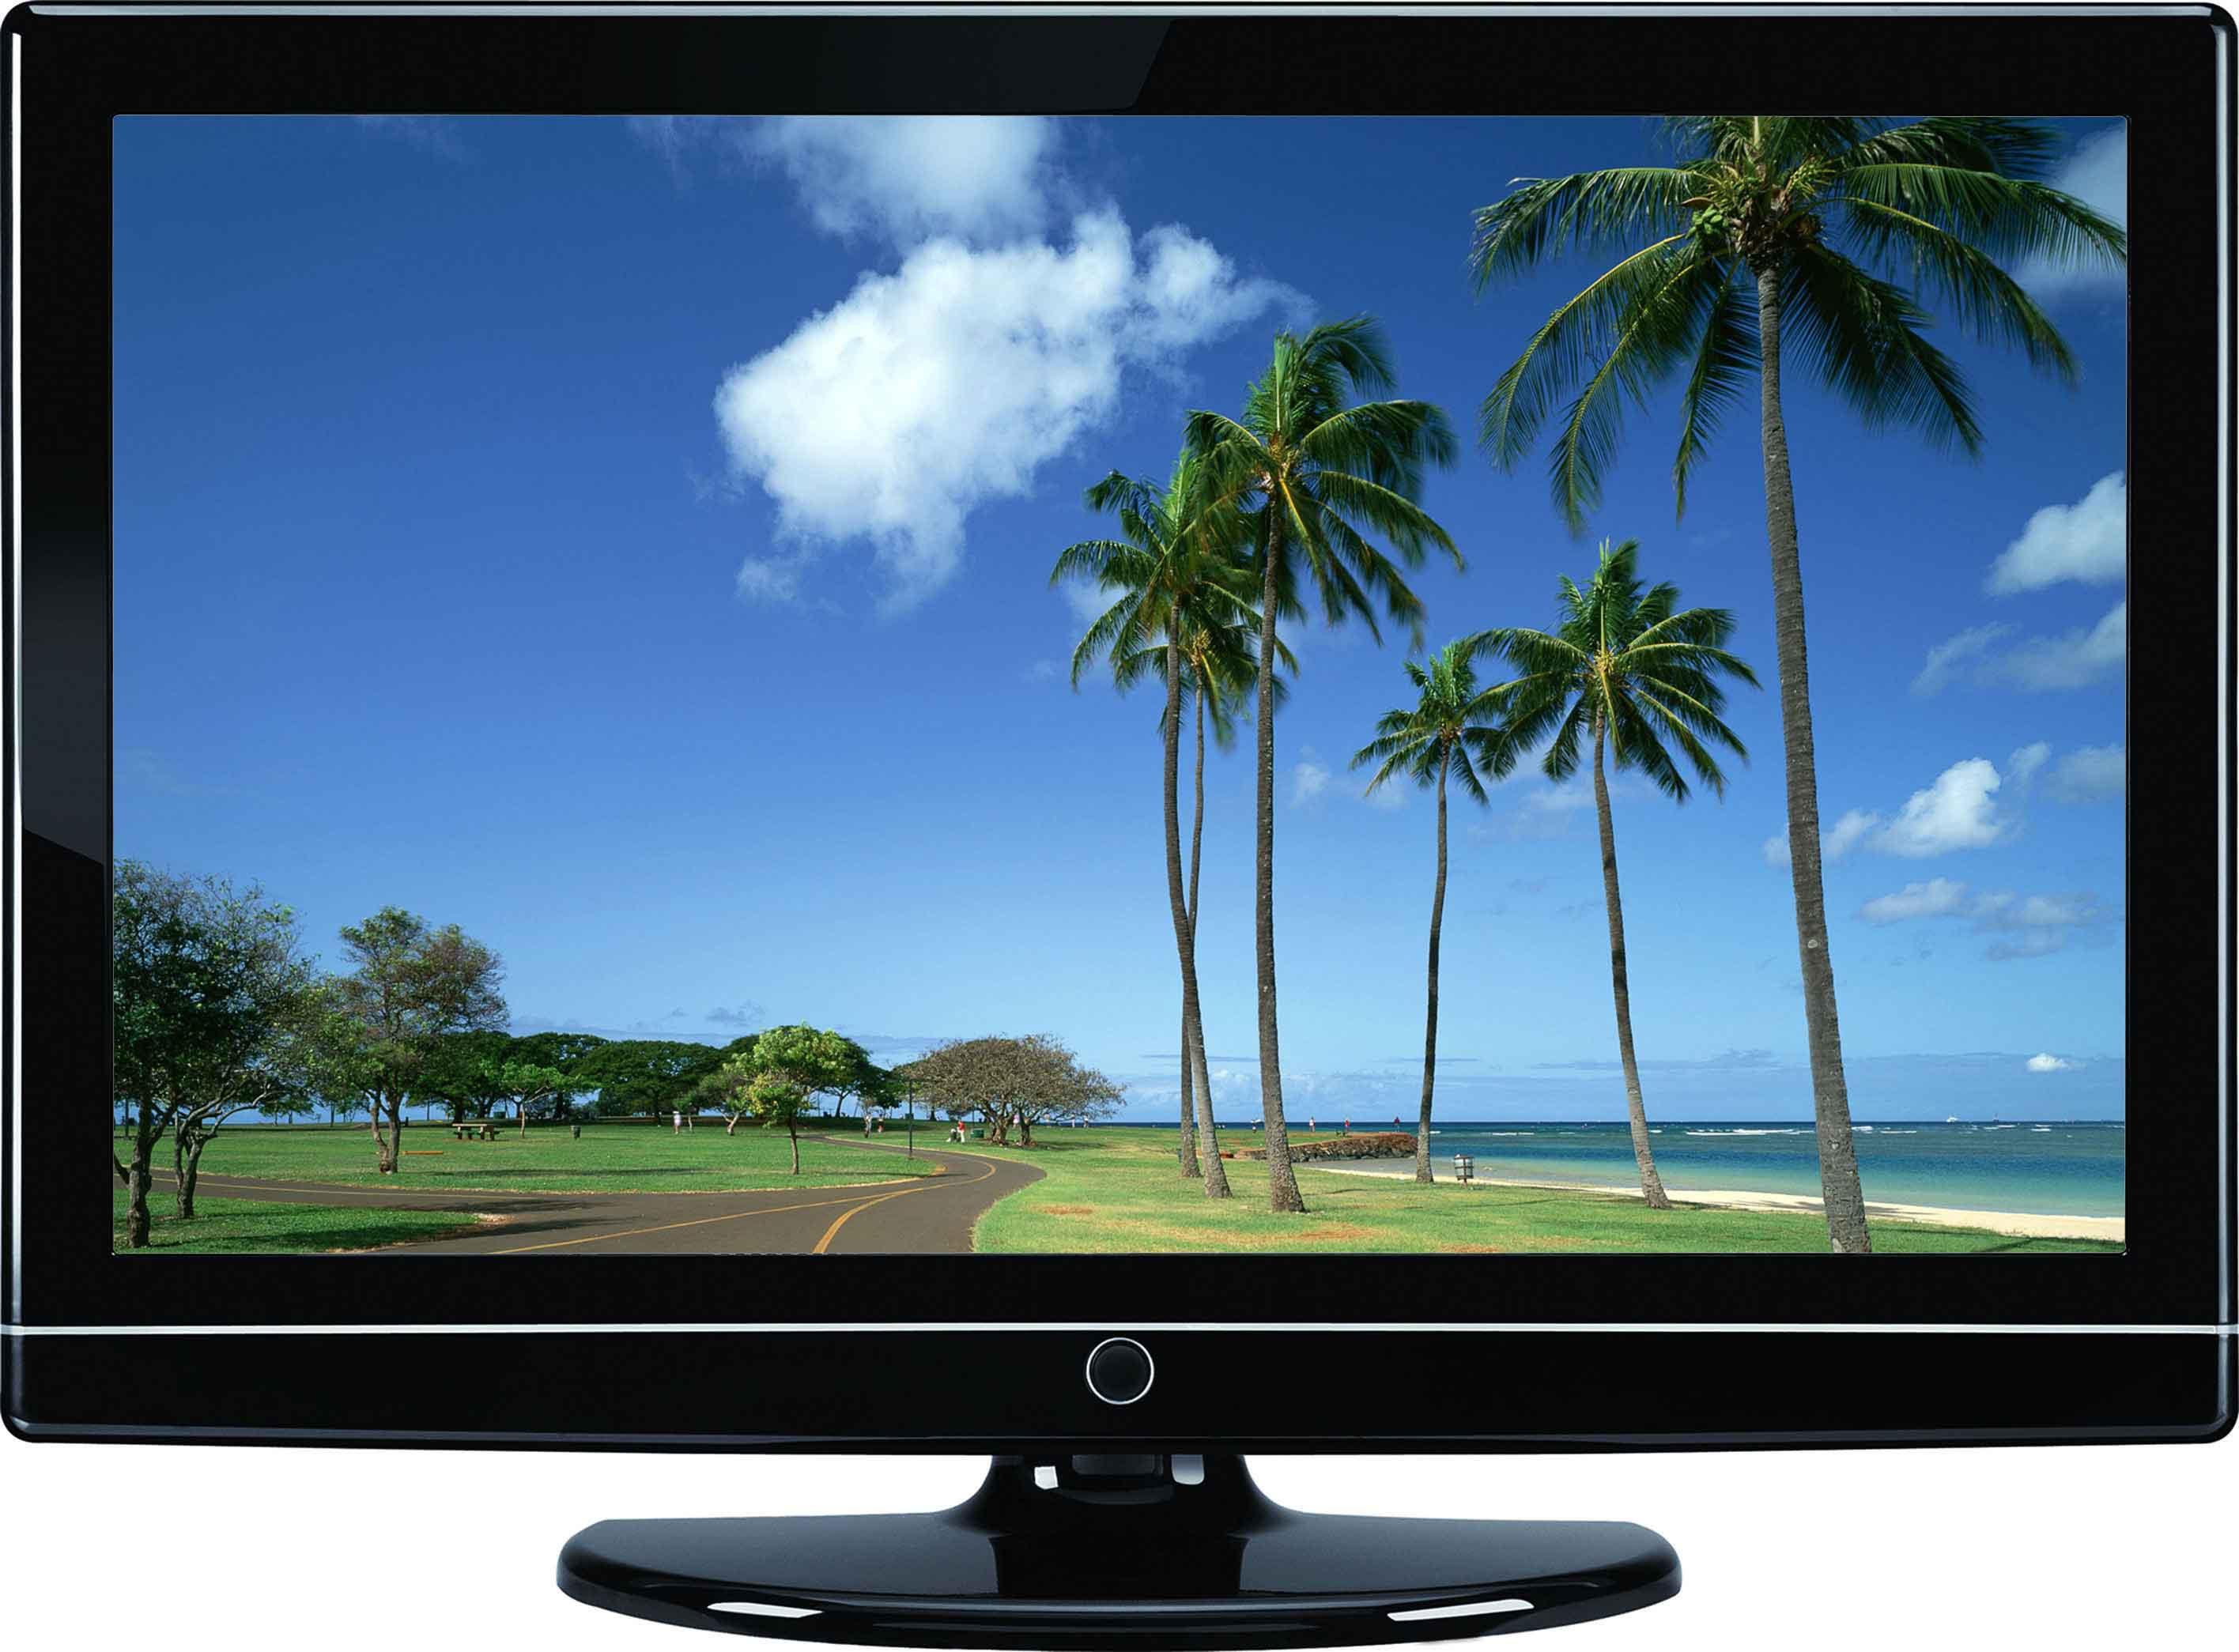 Как правильно выбрать жидкокристаллический (LCD) телевизор